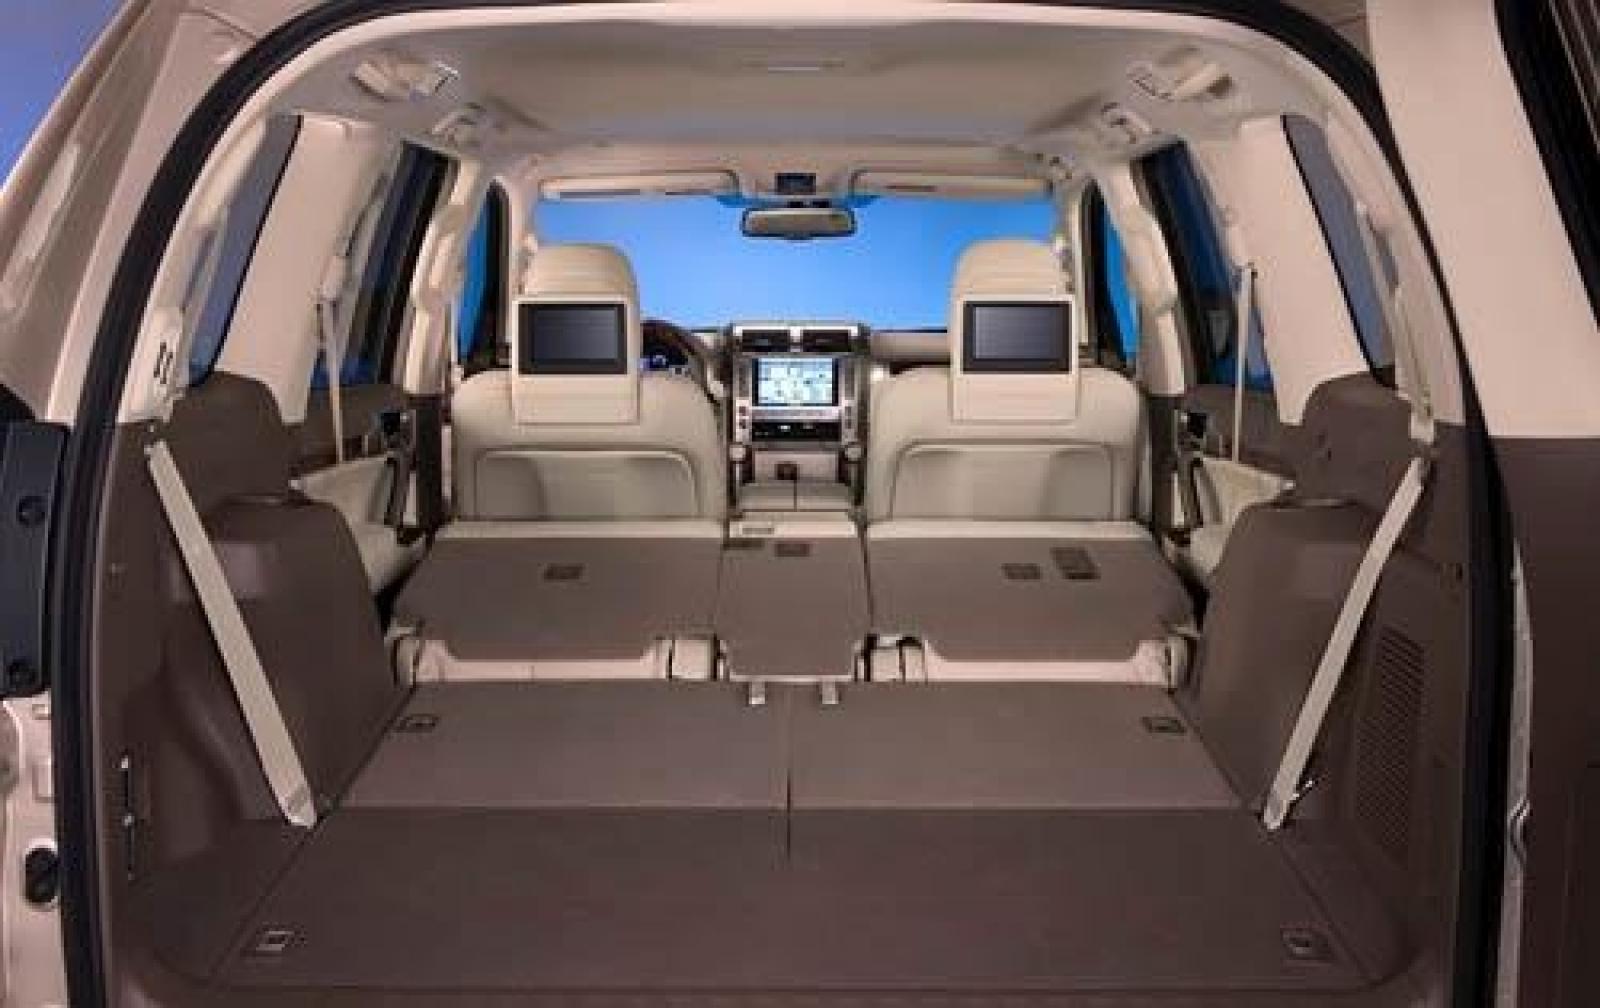 2011 lexus gx 460 center interior 8 800 1024 1280 1600 origin